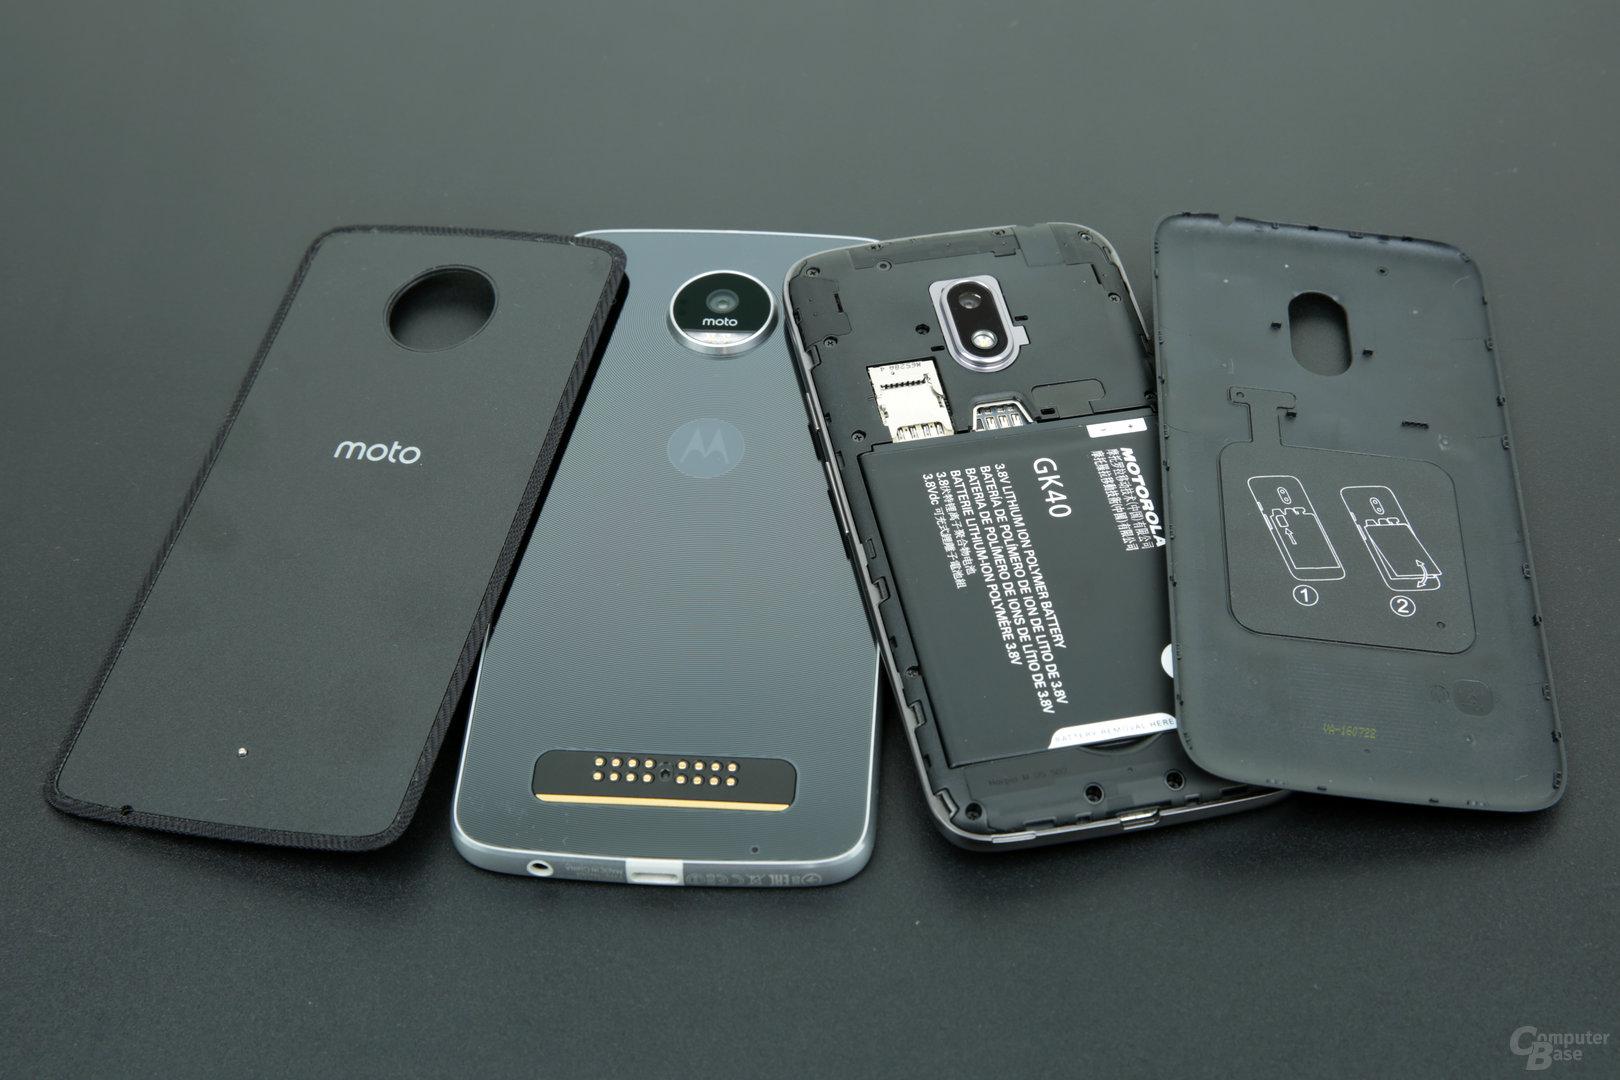 Moto Z Play und Moto G4 Play mit abgenommenen Rückseiten